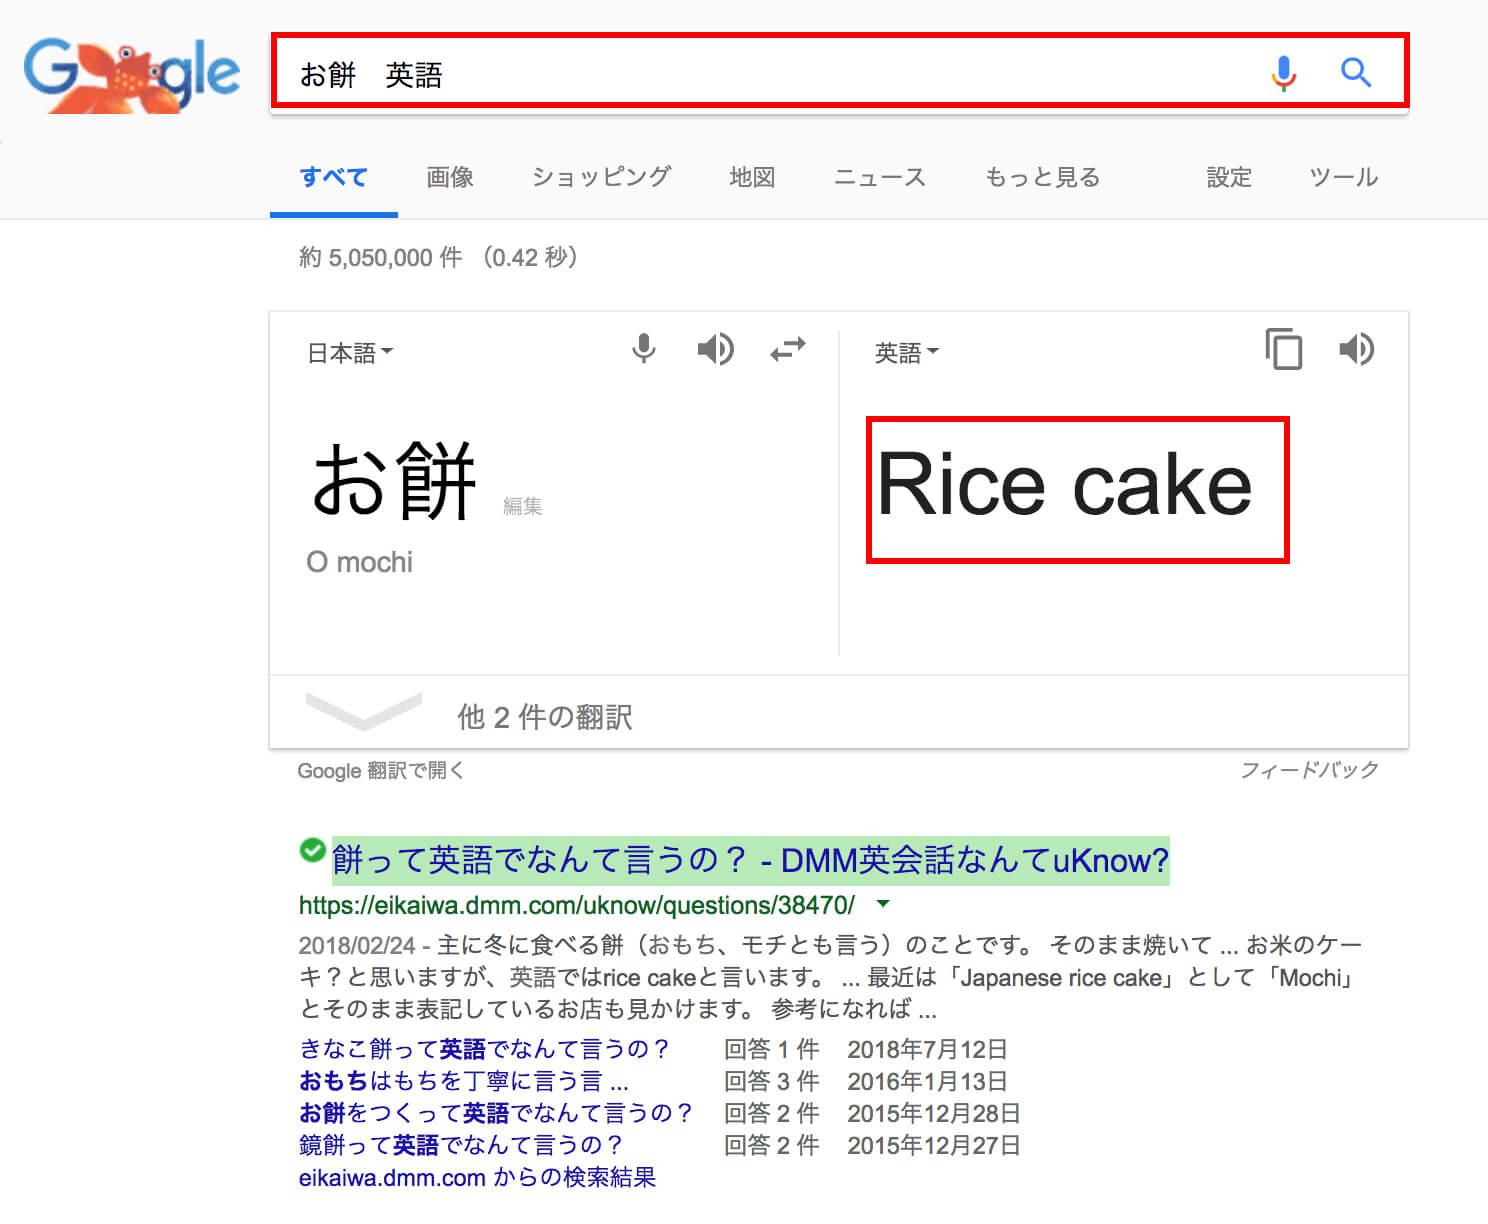 「お餅 英語」の検索結果